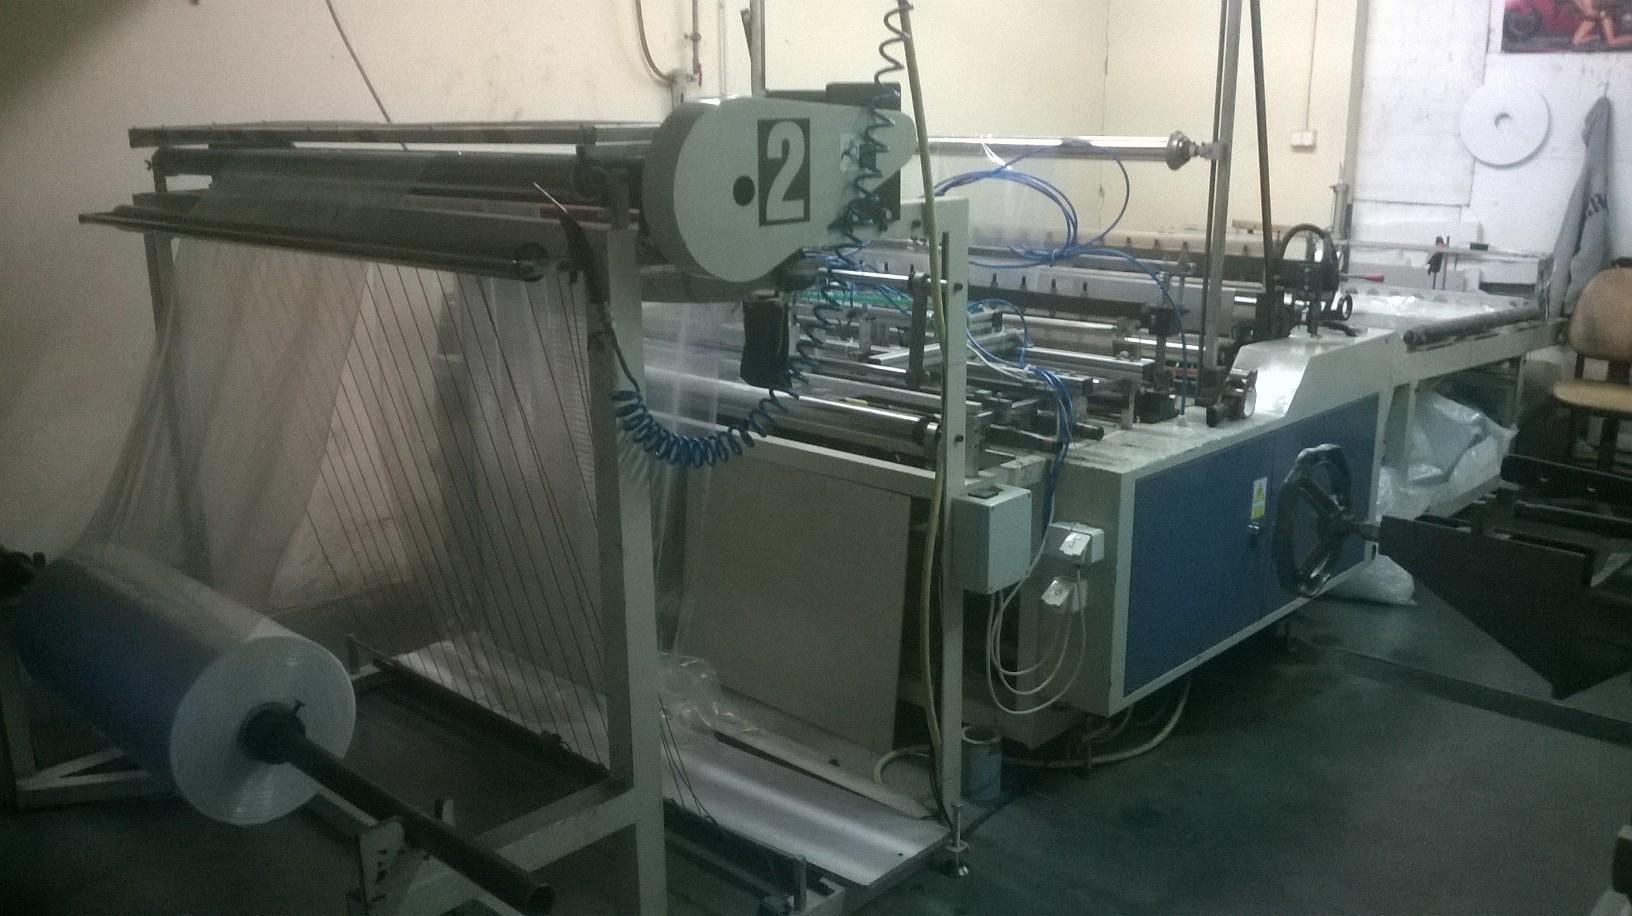 Sunrise Plastic Mchinery Facto - Poszukiwane DTR maszyny, oraz sterownika